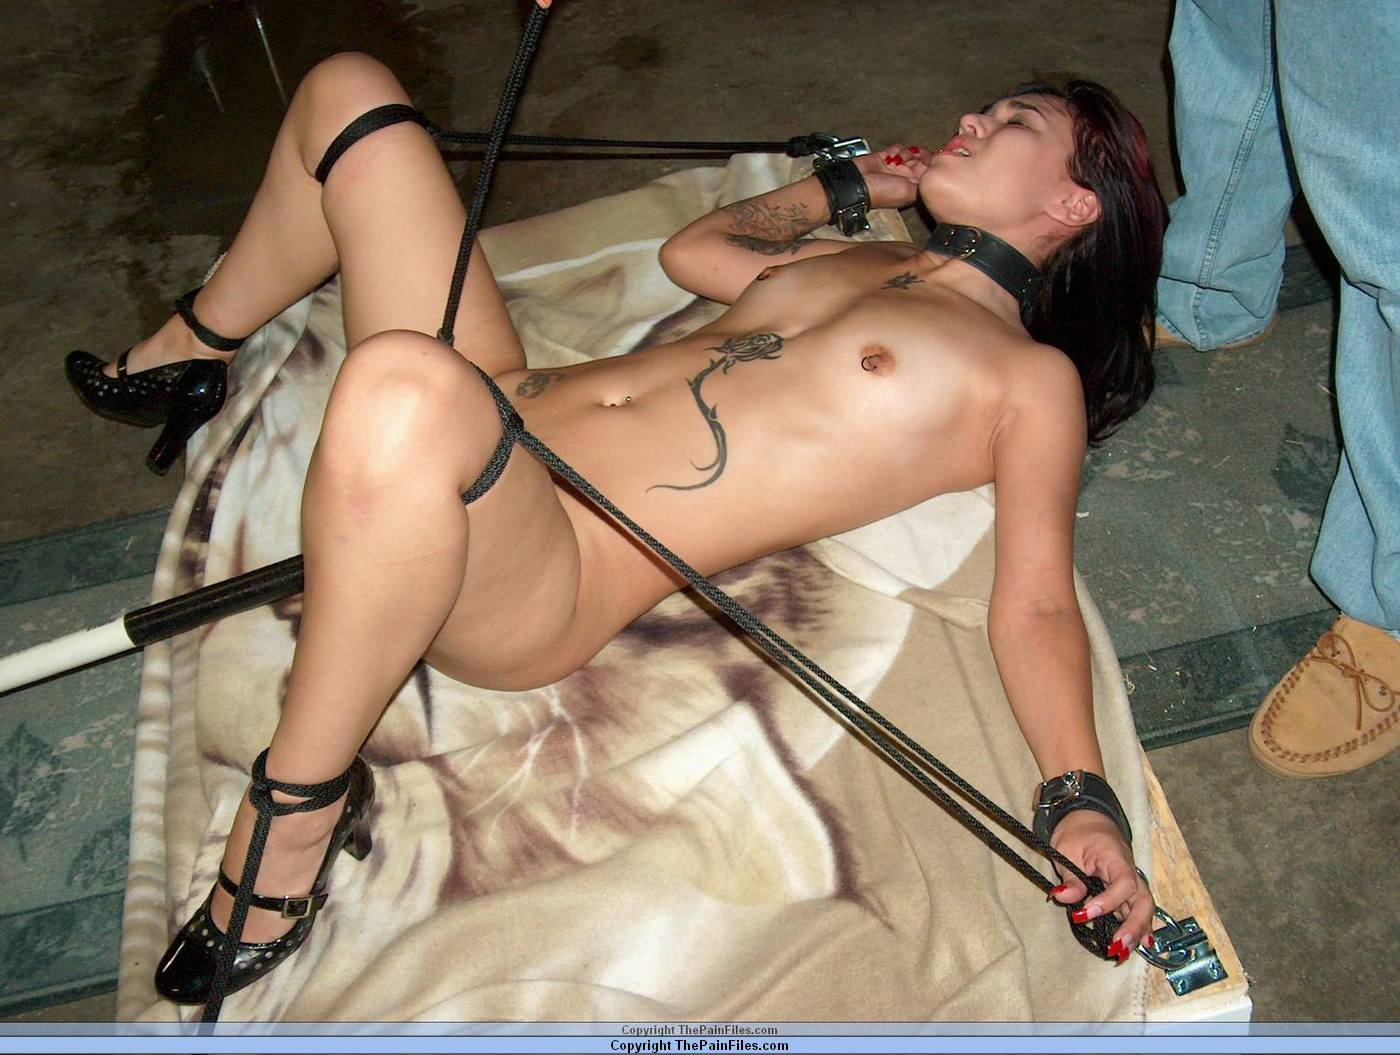 Порно рассказы бдсм пытка эл током 2 фотография